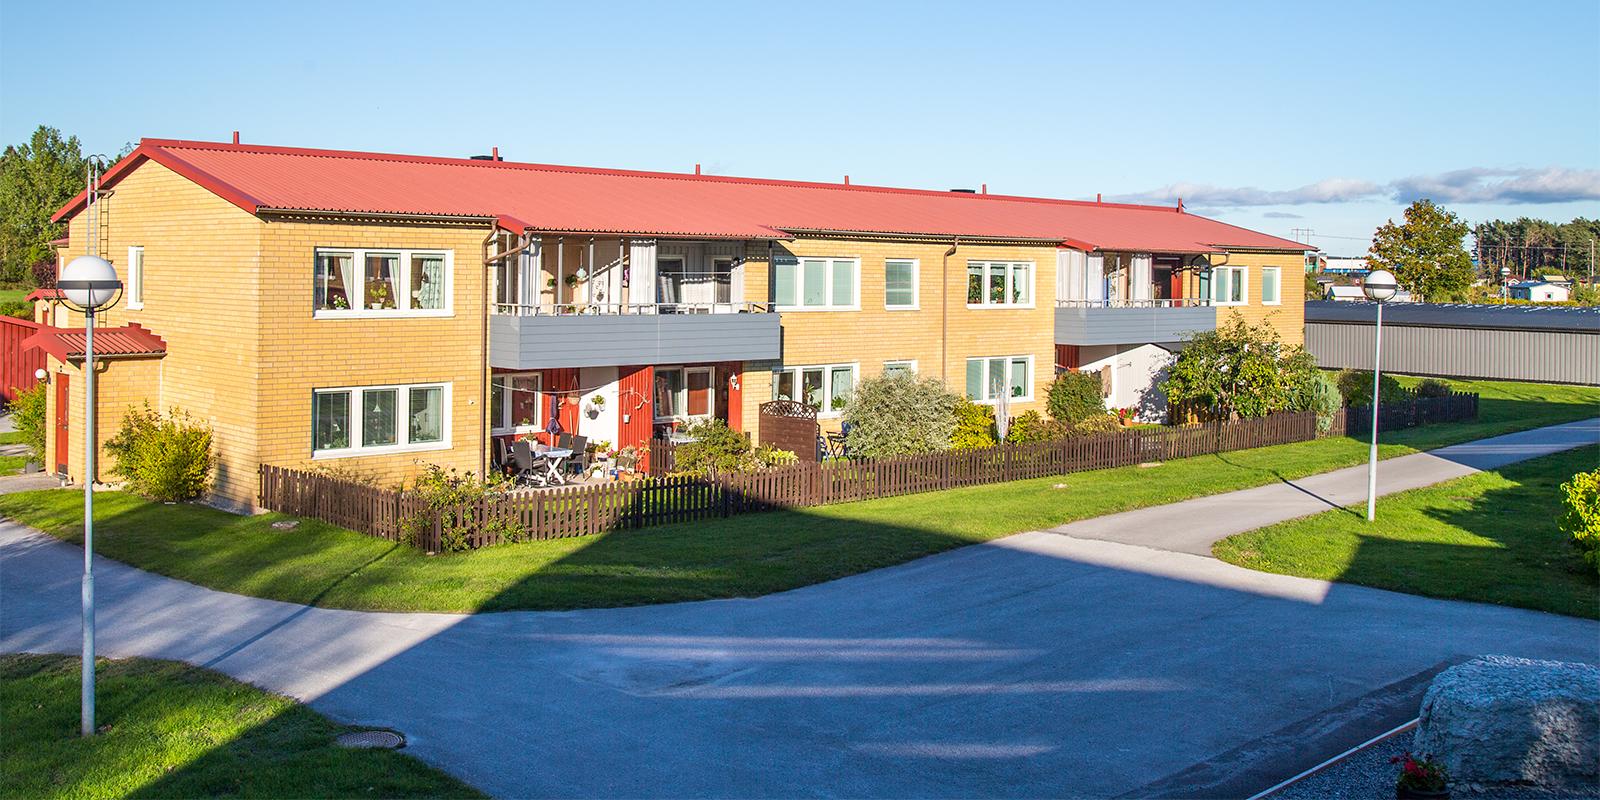 Brf Skäran - naturnära och barnvänligt i södra Visby